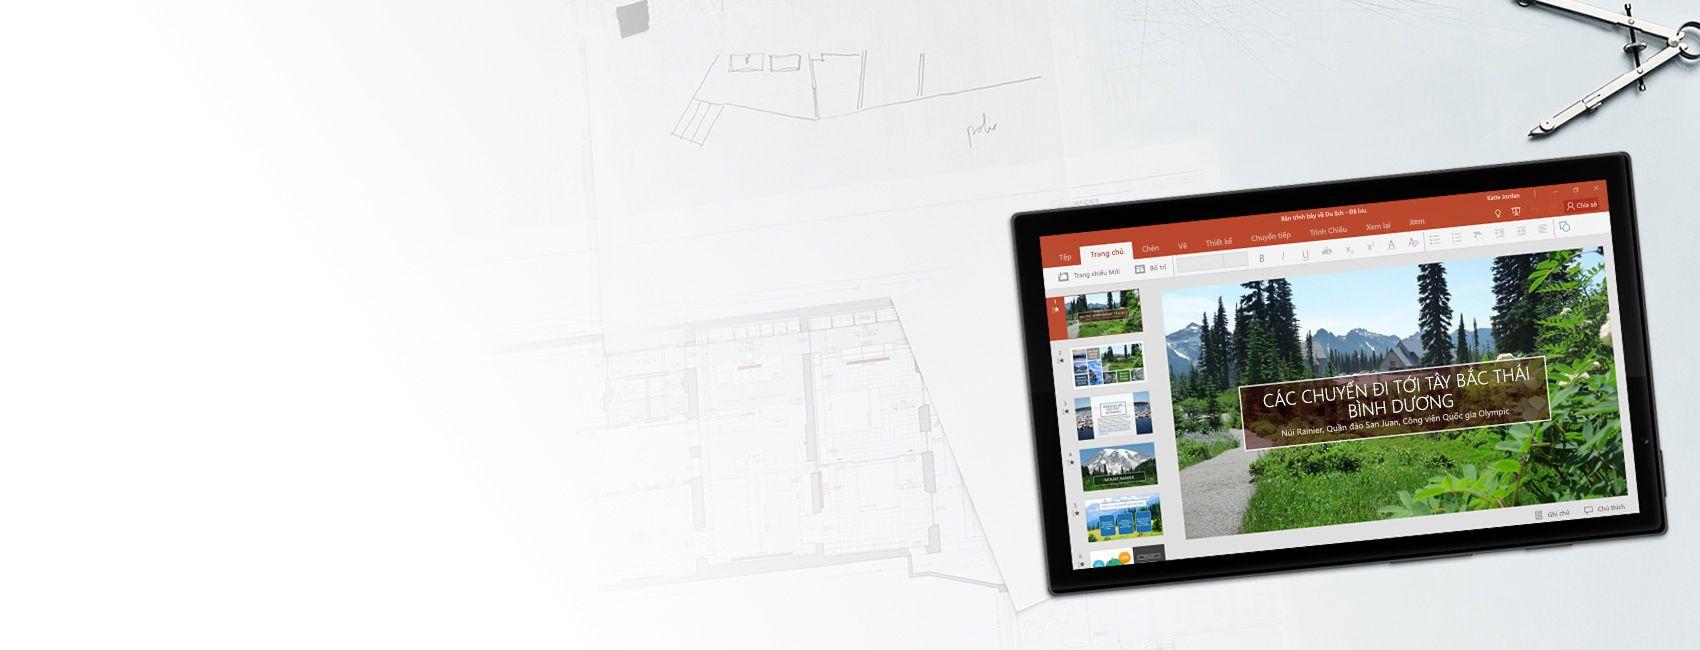 Máy tính bảng chạy Windows hiển thị bản trình bày PowerPoint về Chuyến công tác tới Tây bắc Thái Bình Dương trong PowerPoint for Windows 10 Mobile